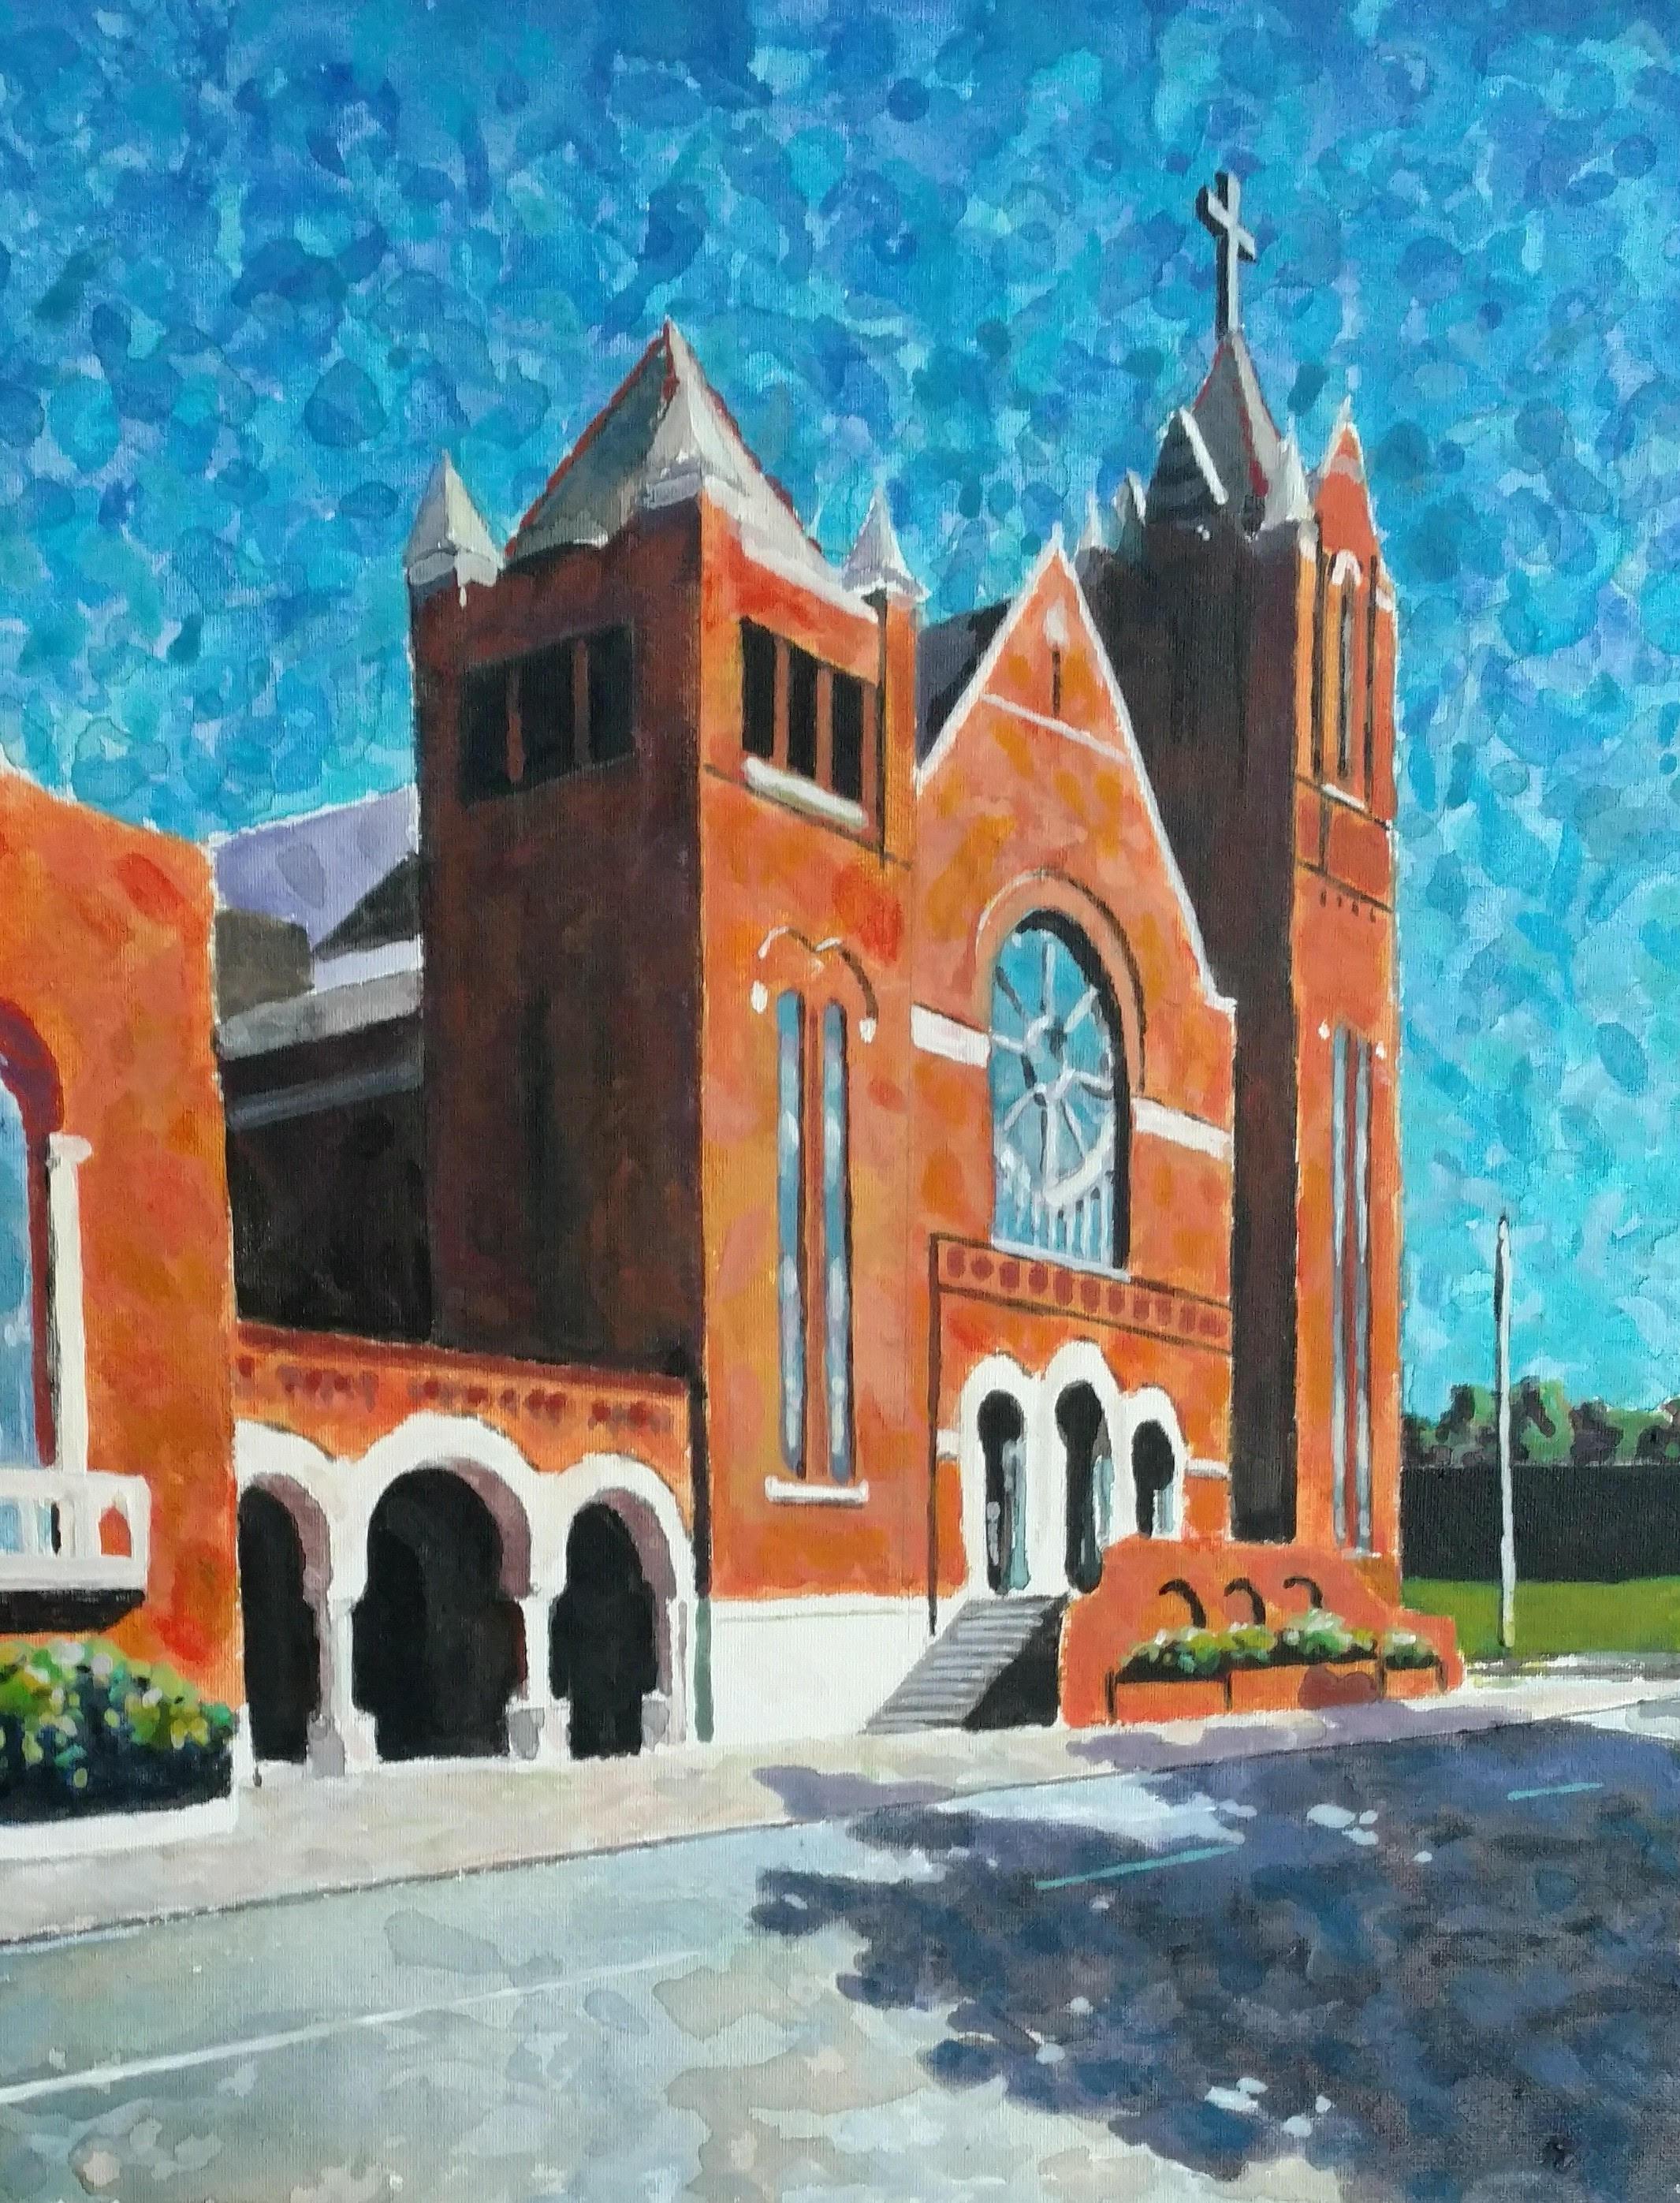 beloved downtown Methodist Church in Little Rock